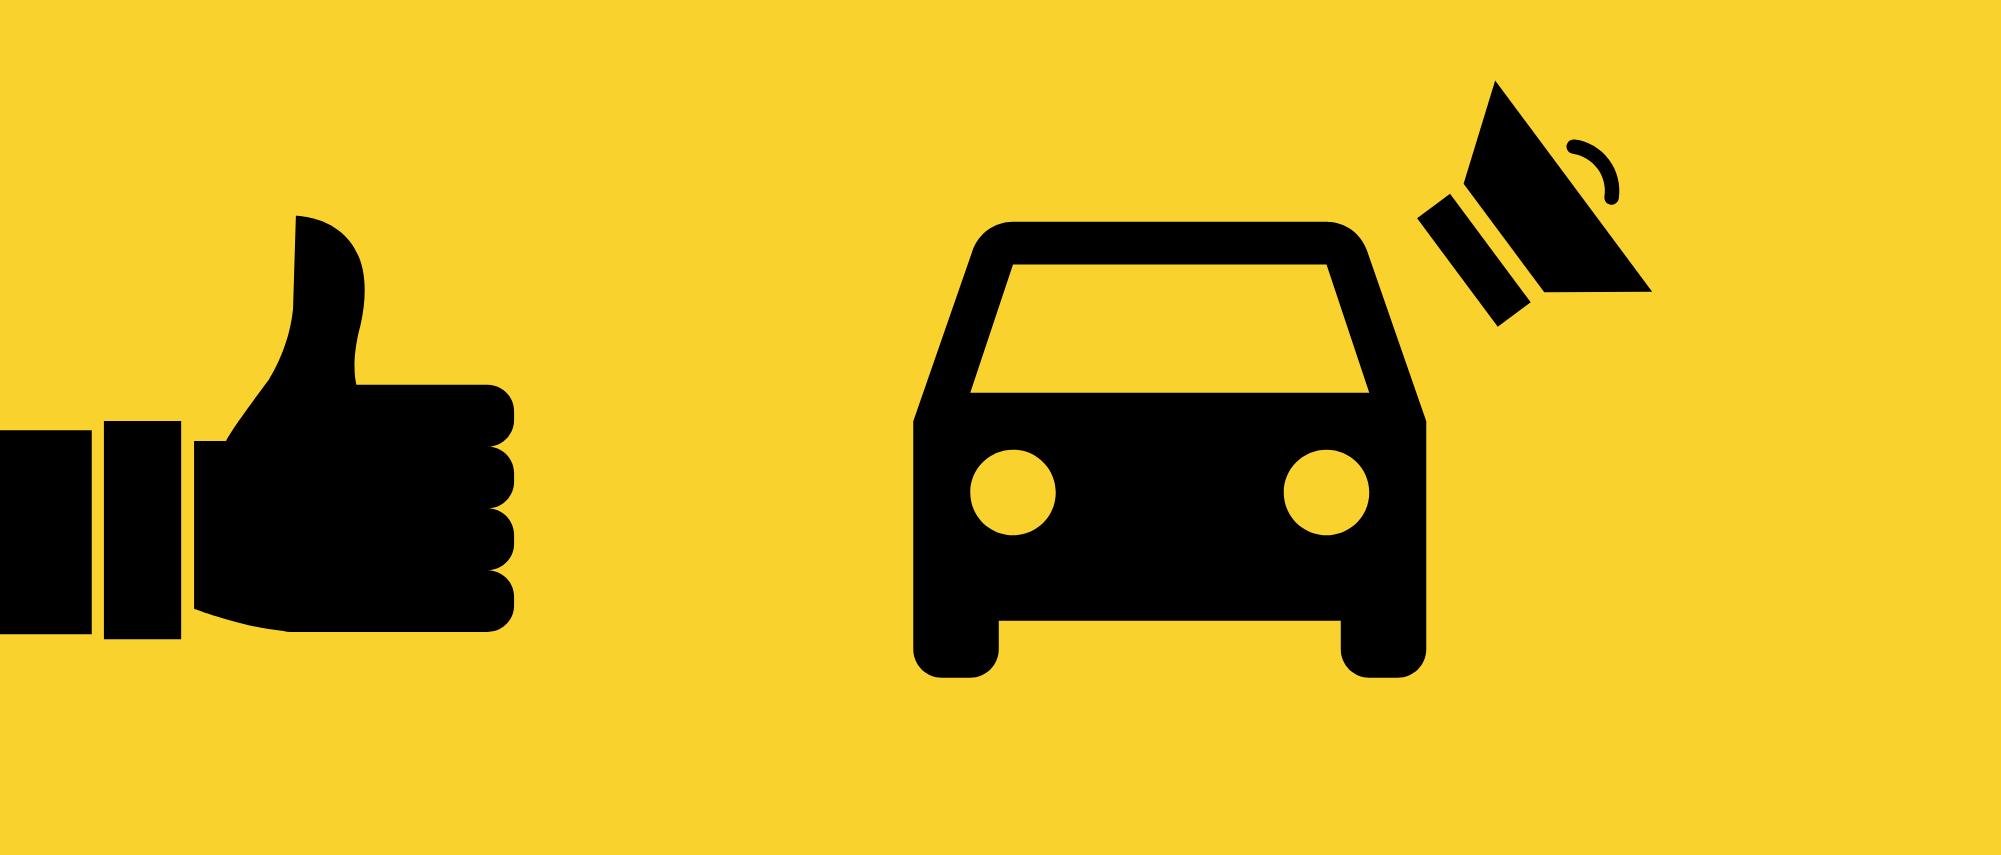 comunicação no trânsito